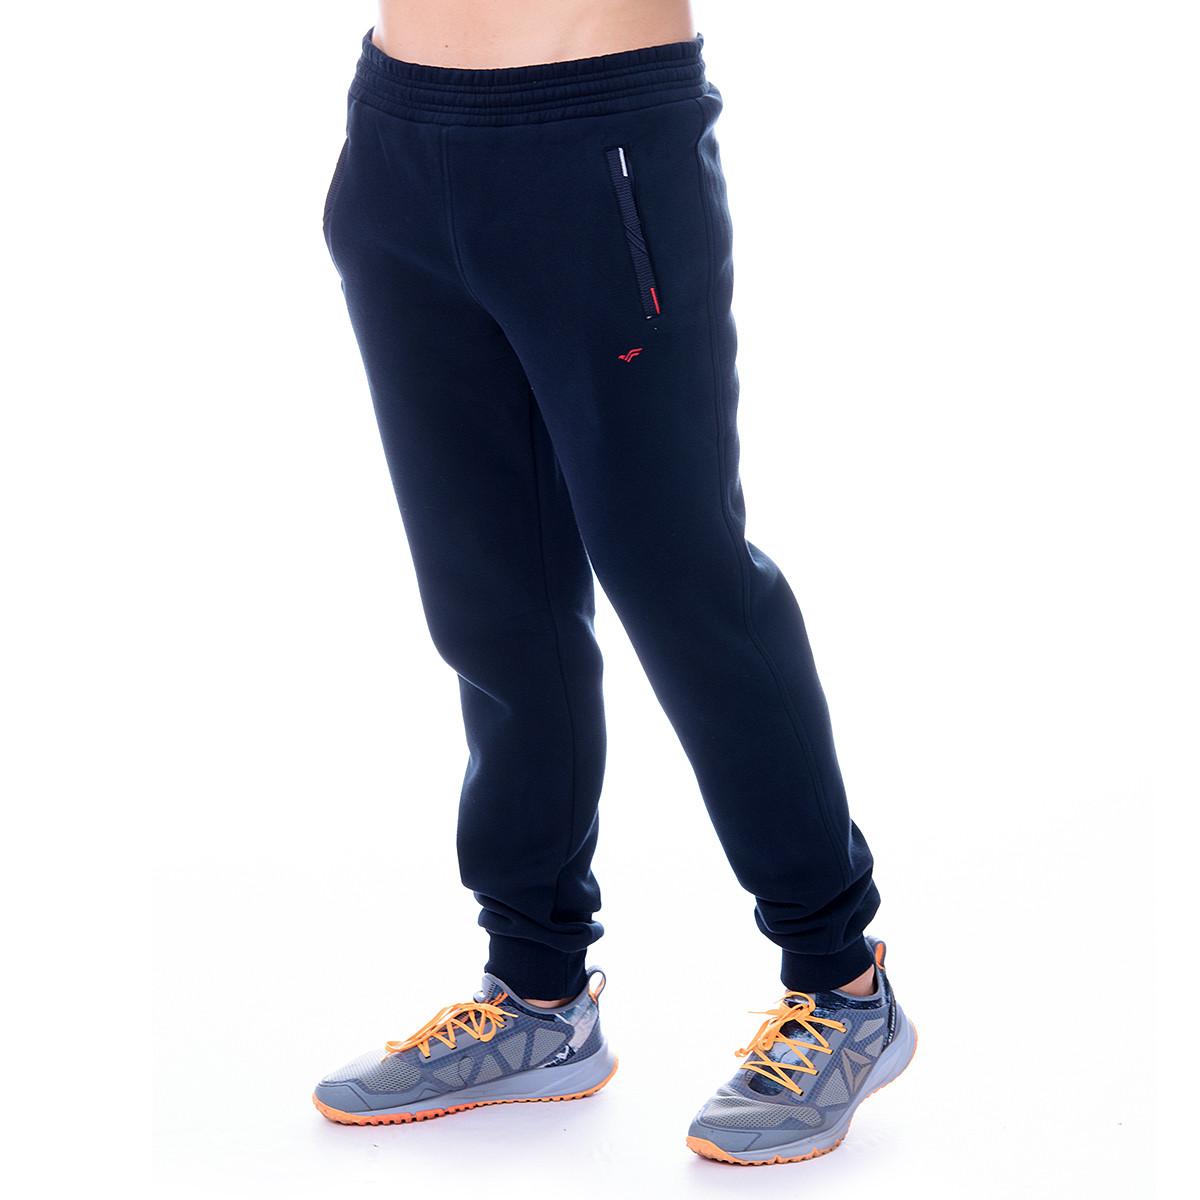 Теплые мужские штаны байка под манжет тм. FORE 1086N